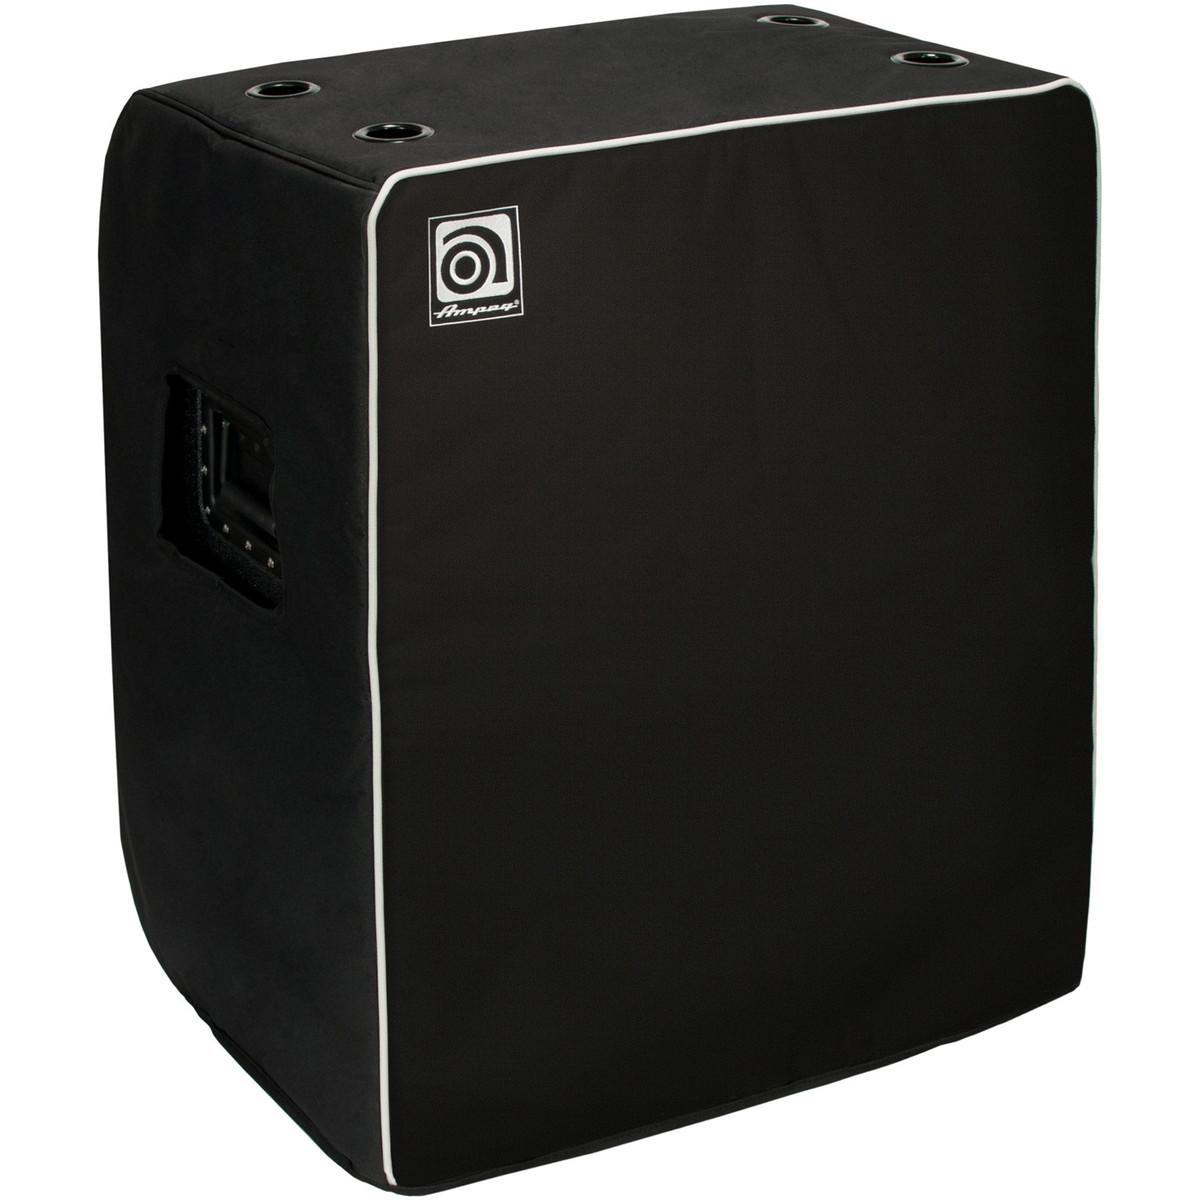 Ampeg Svt 410hlf Speaker Cabinet Cover